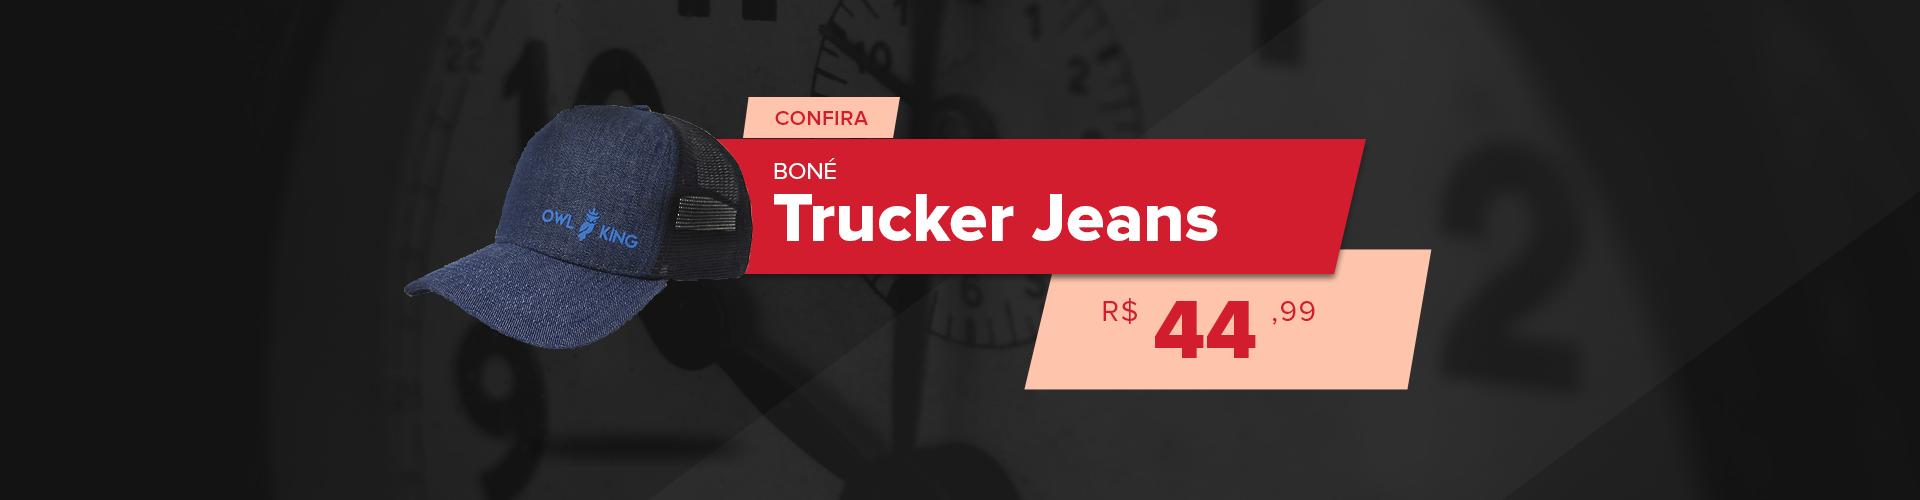 fullbanner_bone_trucker_jeans